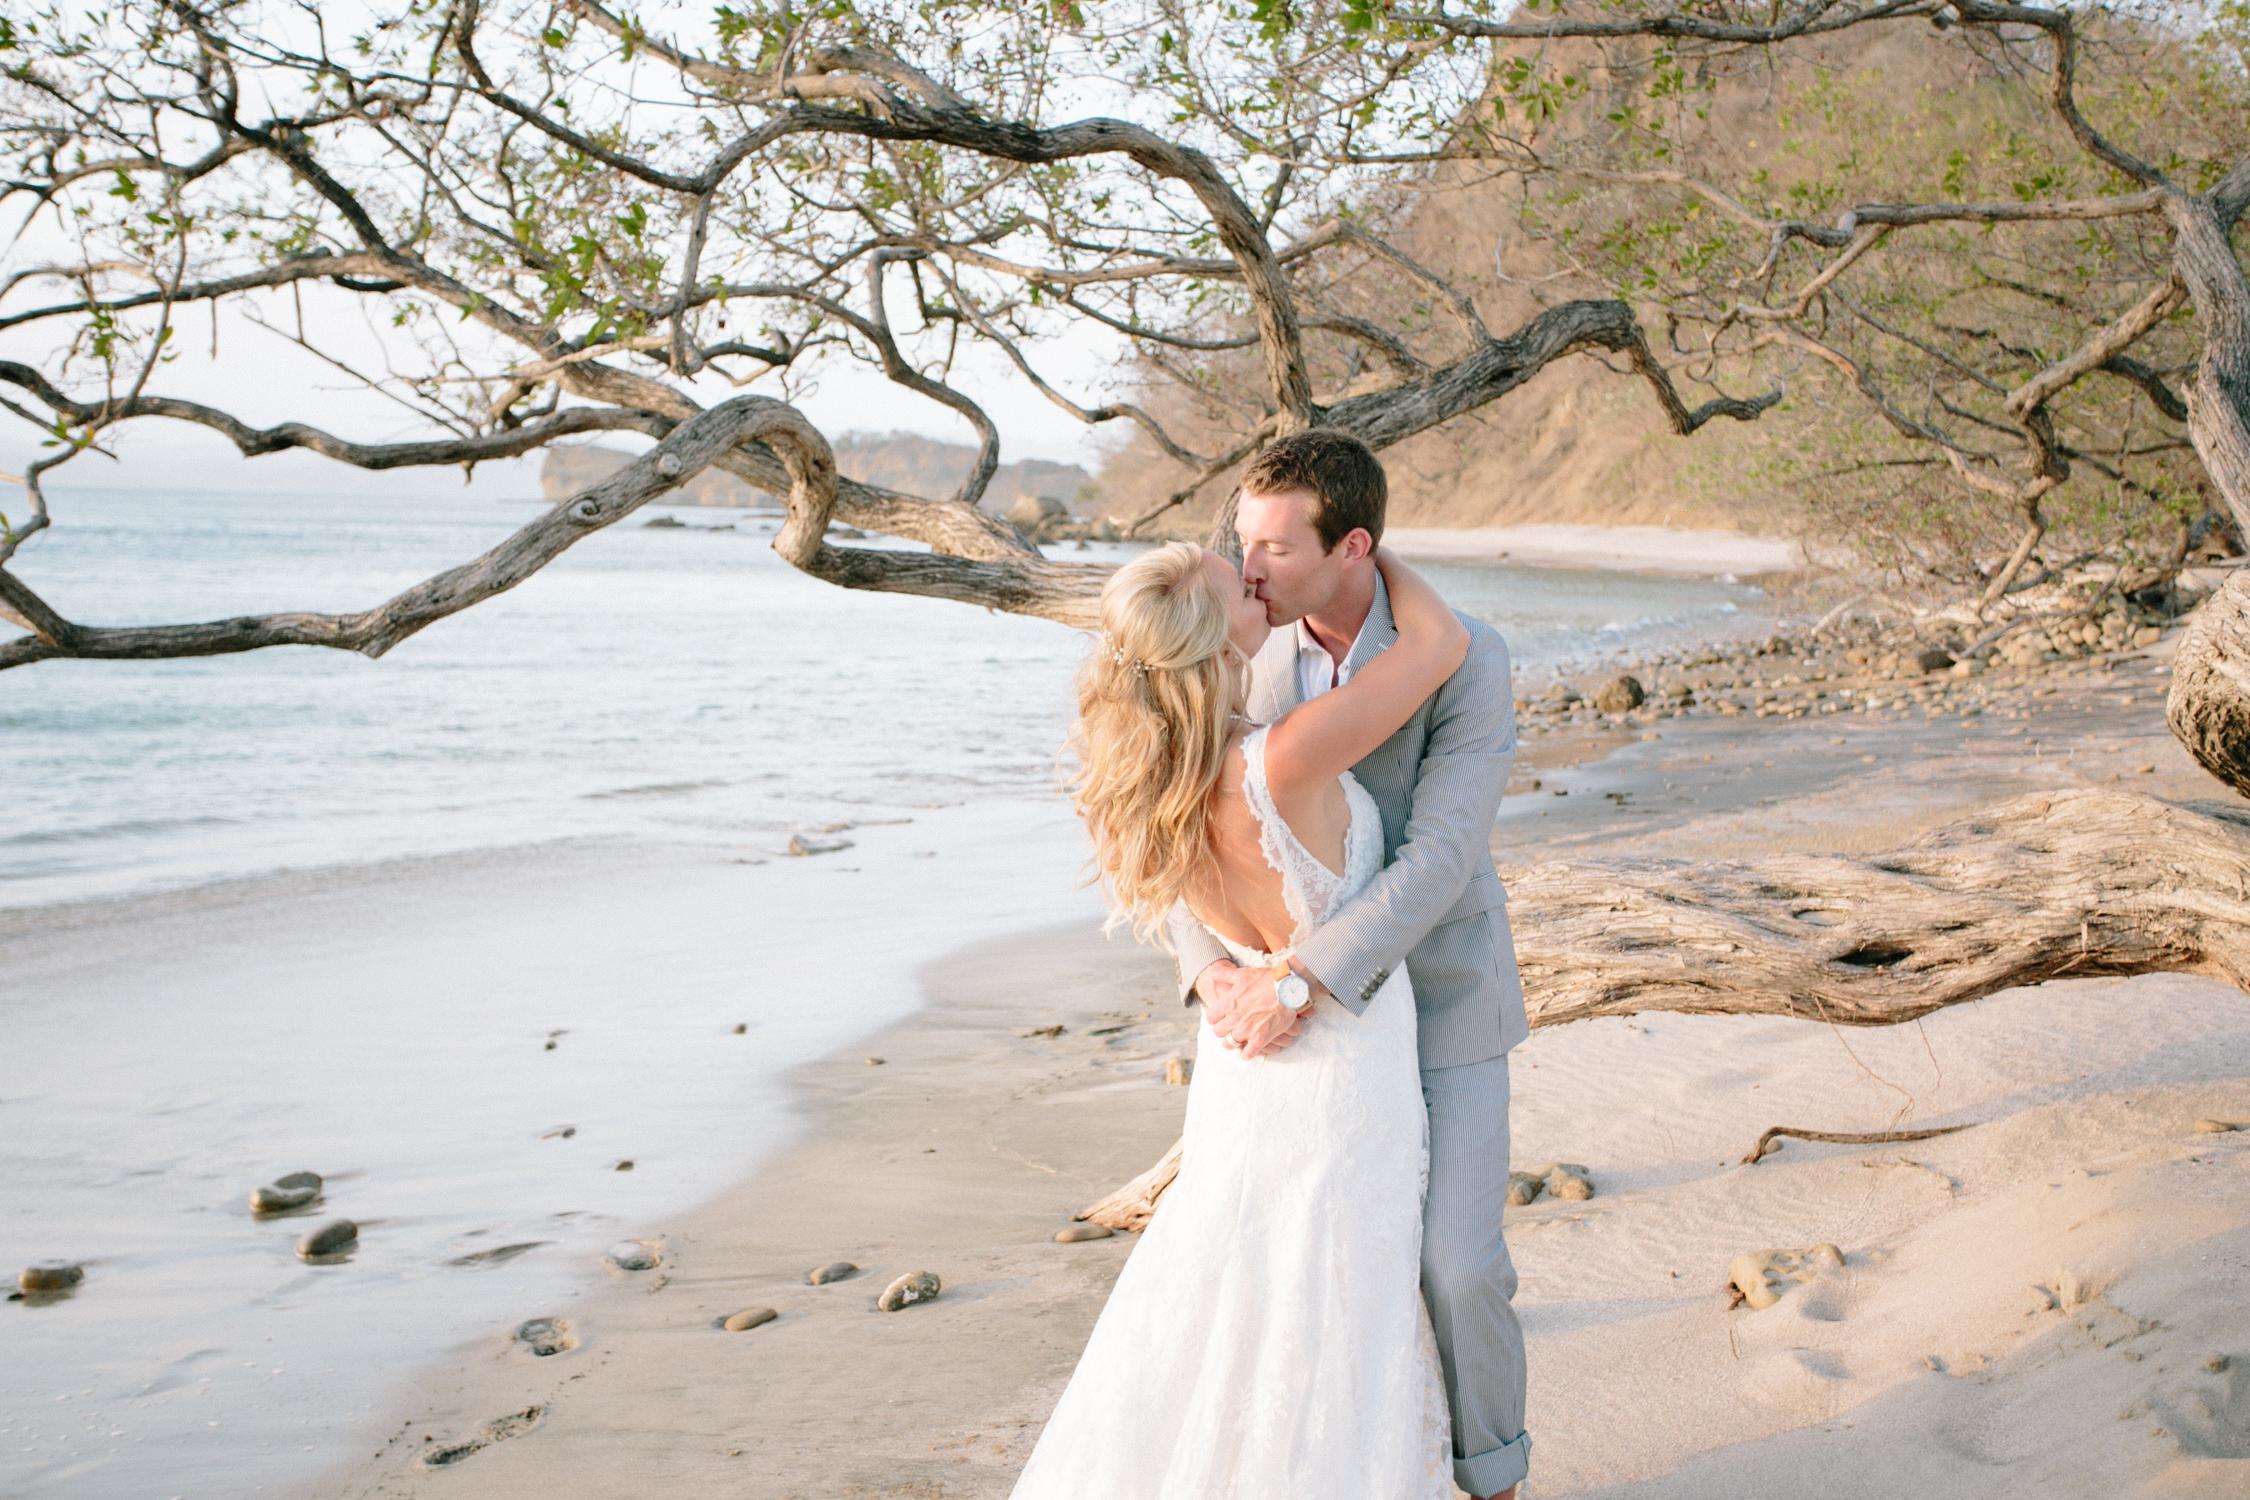 Costa Rica Dreams Las Mareas Wedding by Michelle Cross-27.jpg